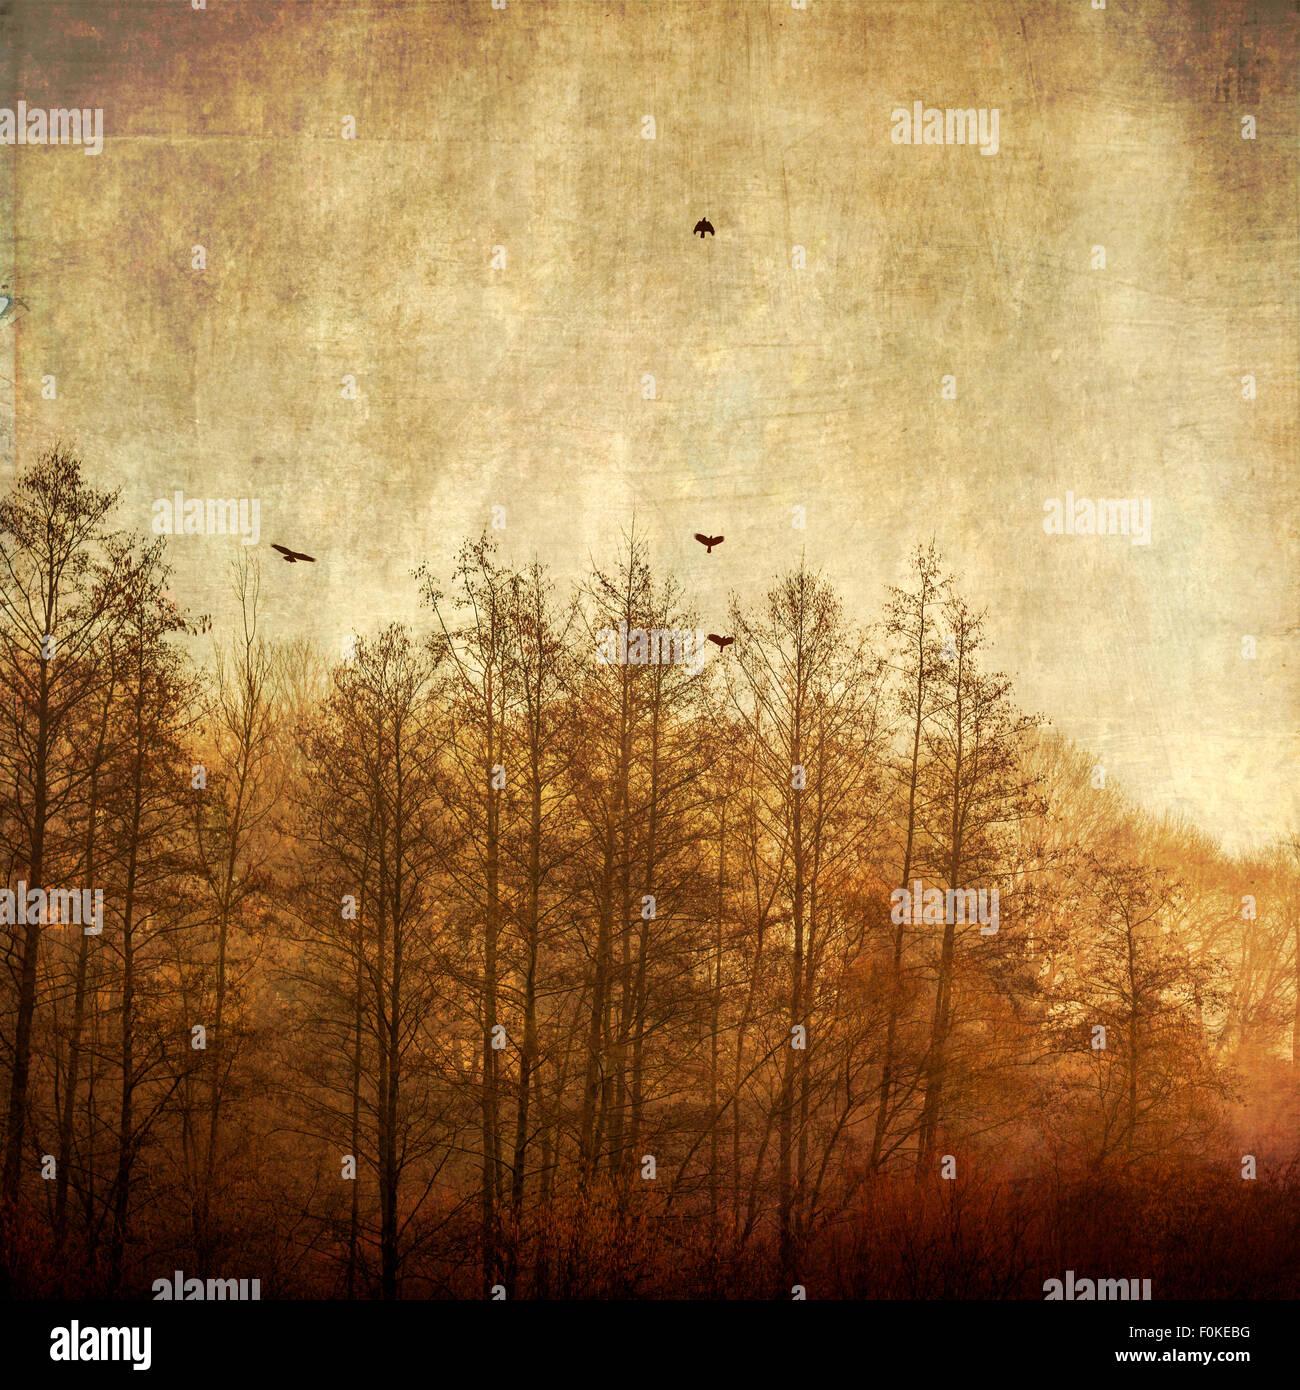 Les arbres et les oiseaux qui volent dans la lumière du matin, effet de texture Photo Stock